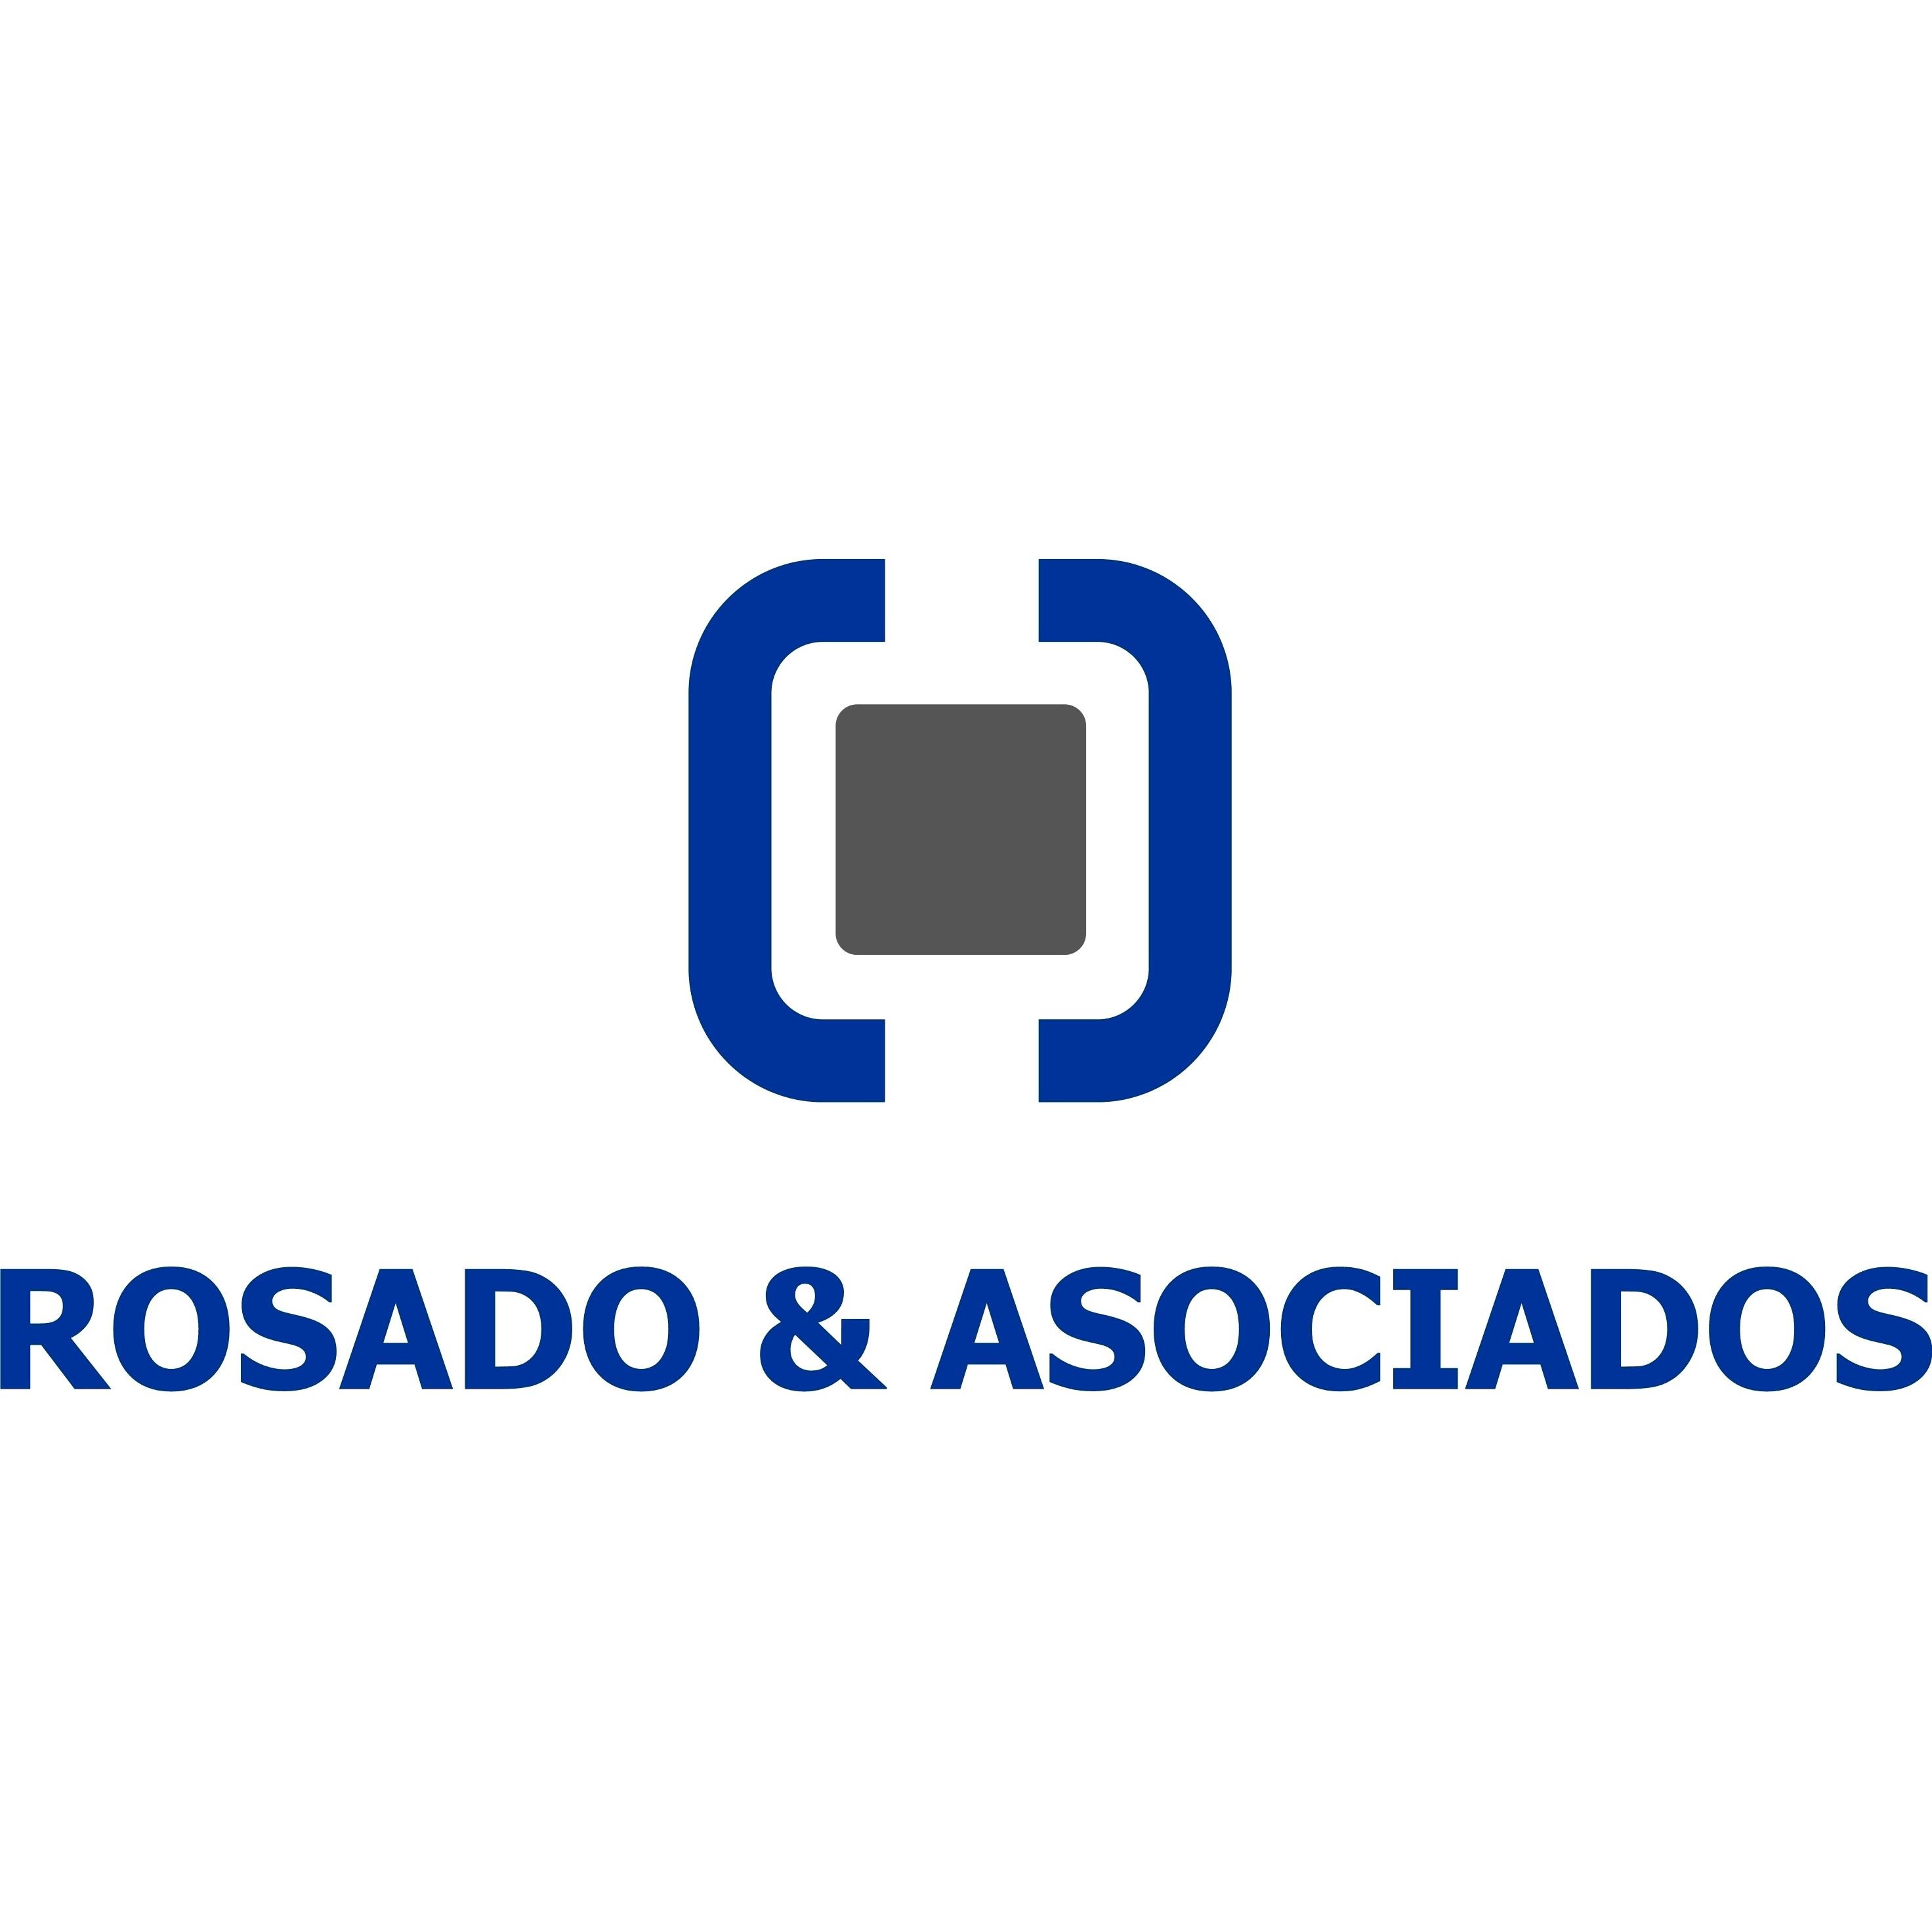 ROSADO & ASOCIADOS